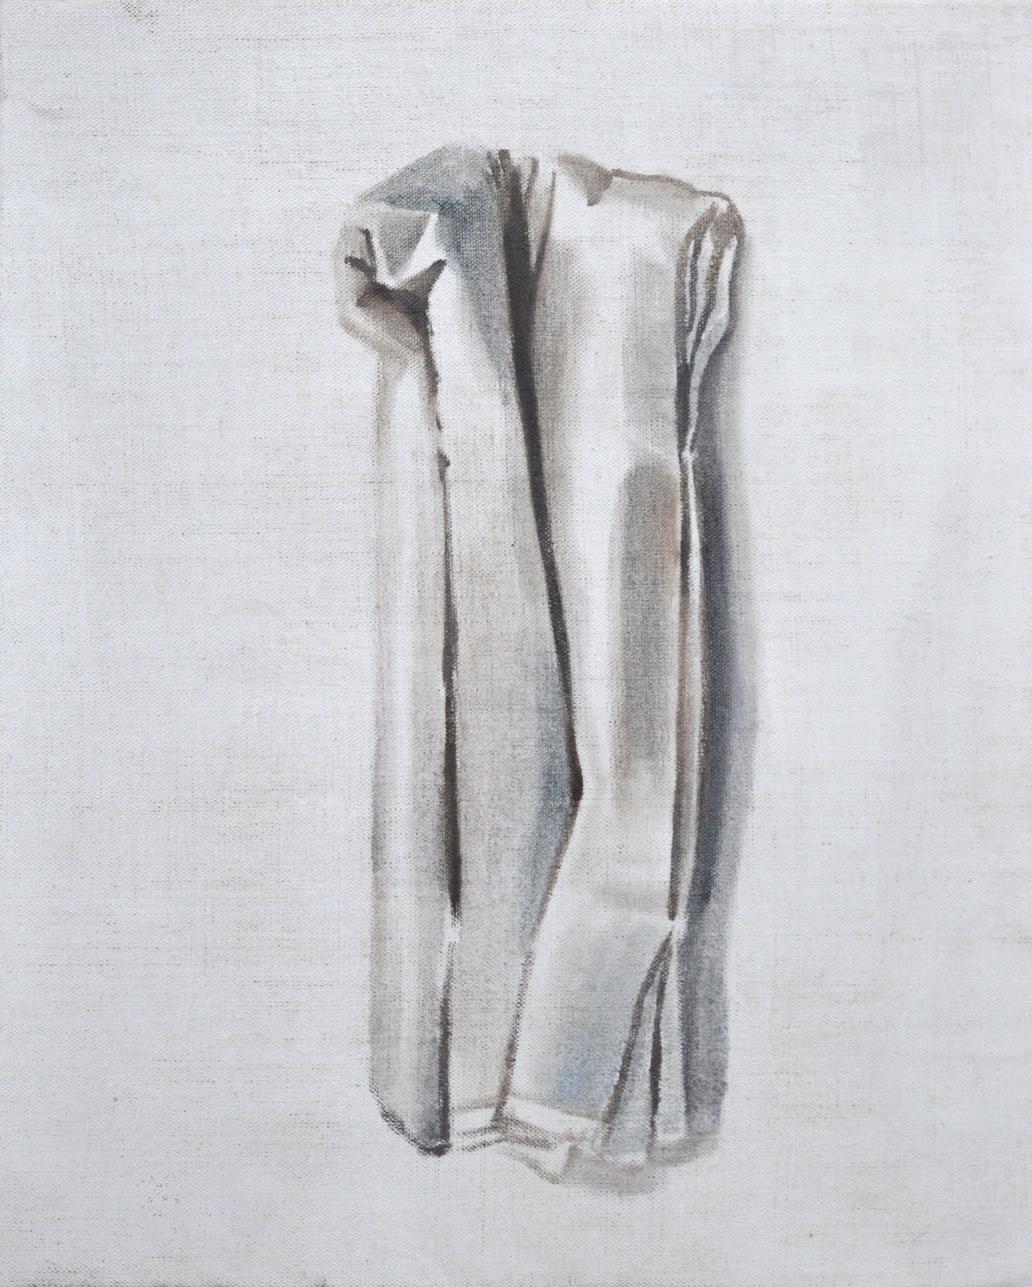 A Jean Luc Vilmouth, 2015, 30 x 50 cm, oil on canvas